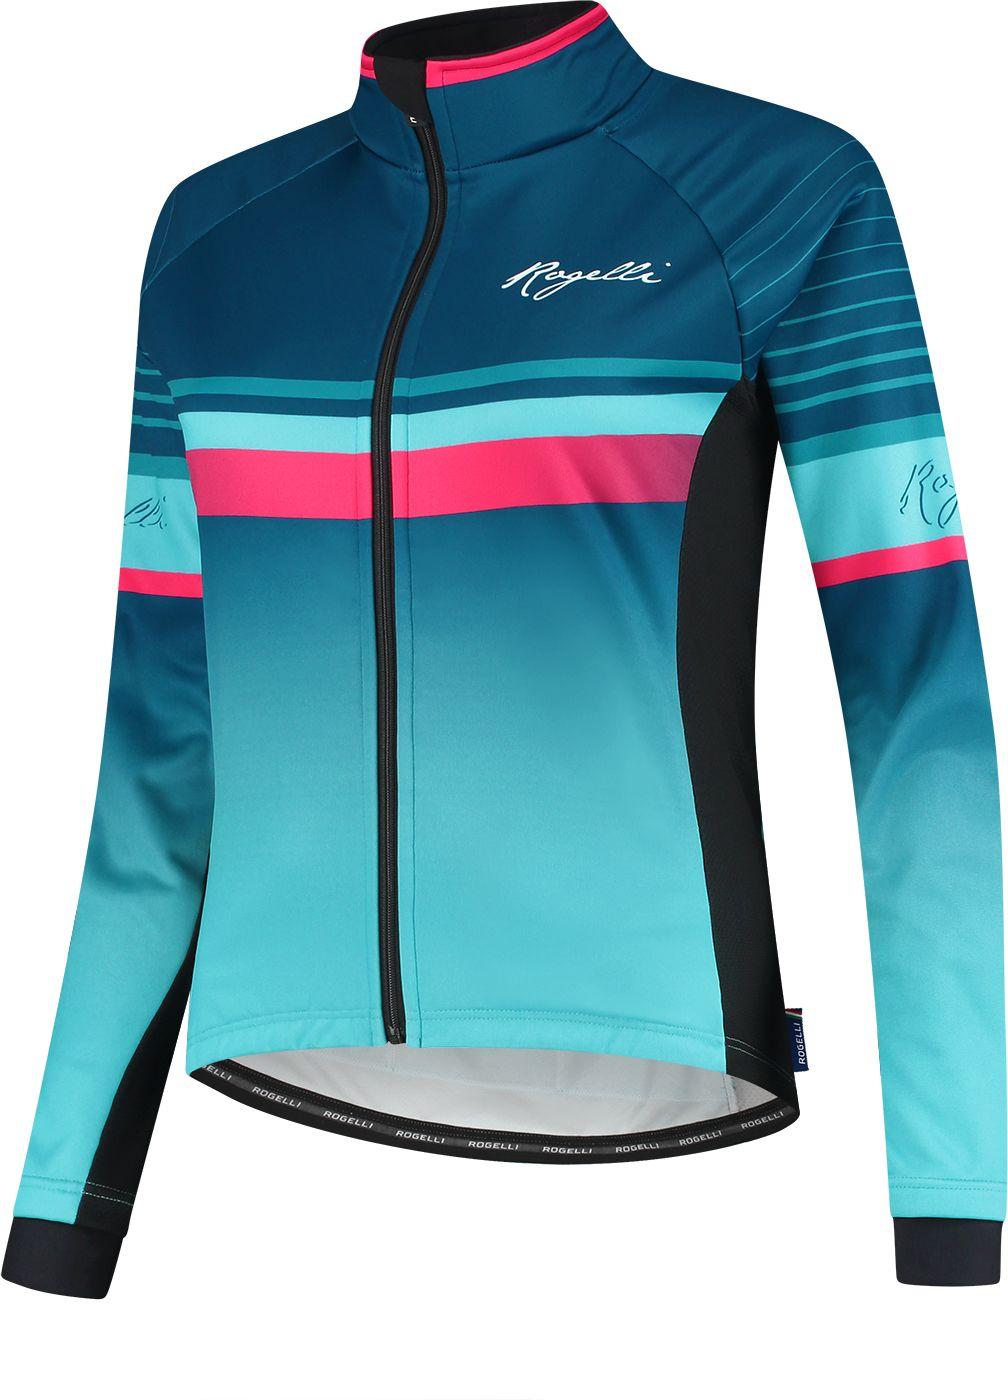 ROGELLI kurtka rowerowa zimowa damska IMPRESS niebiesko-różowa Rozmiar: M,010.360.XS